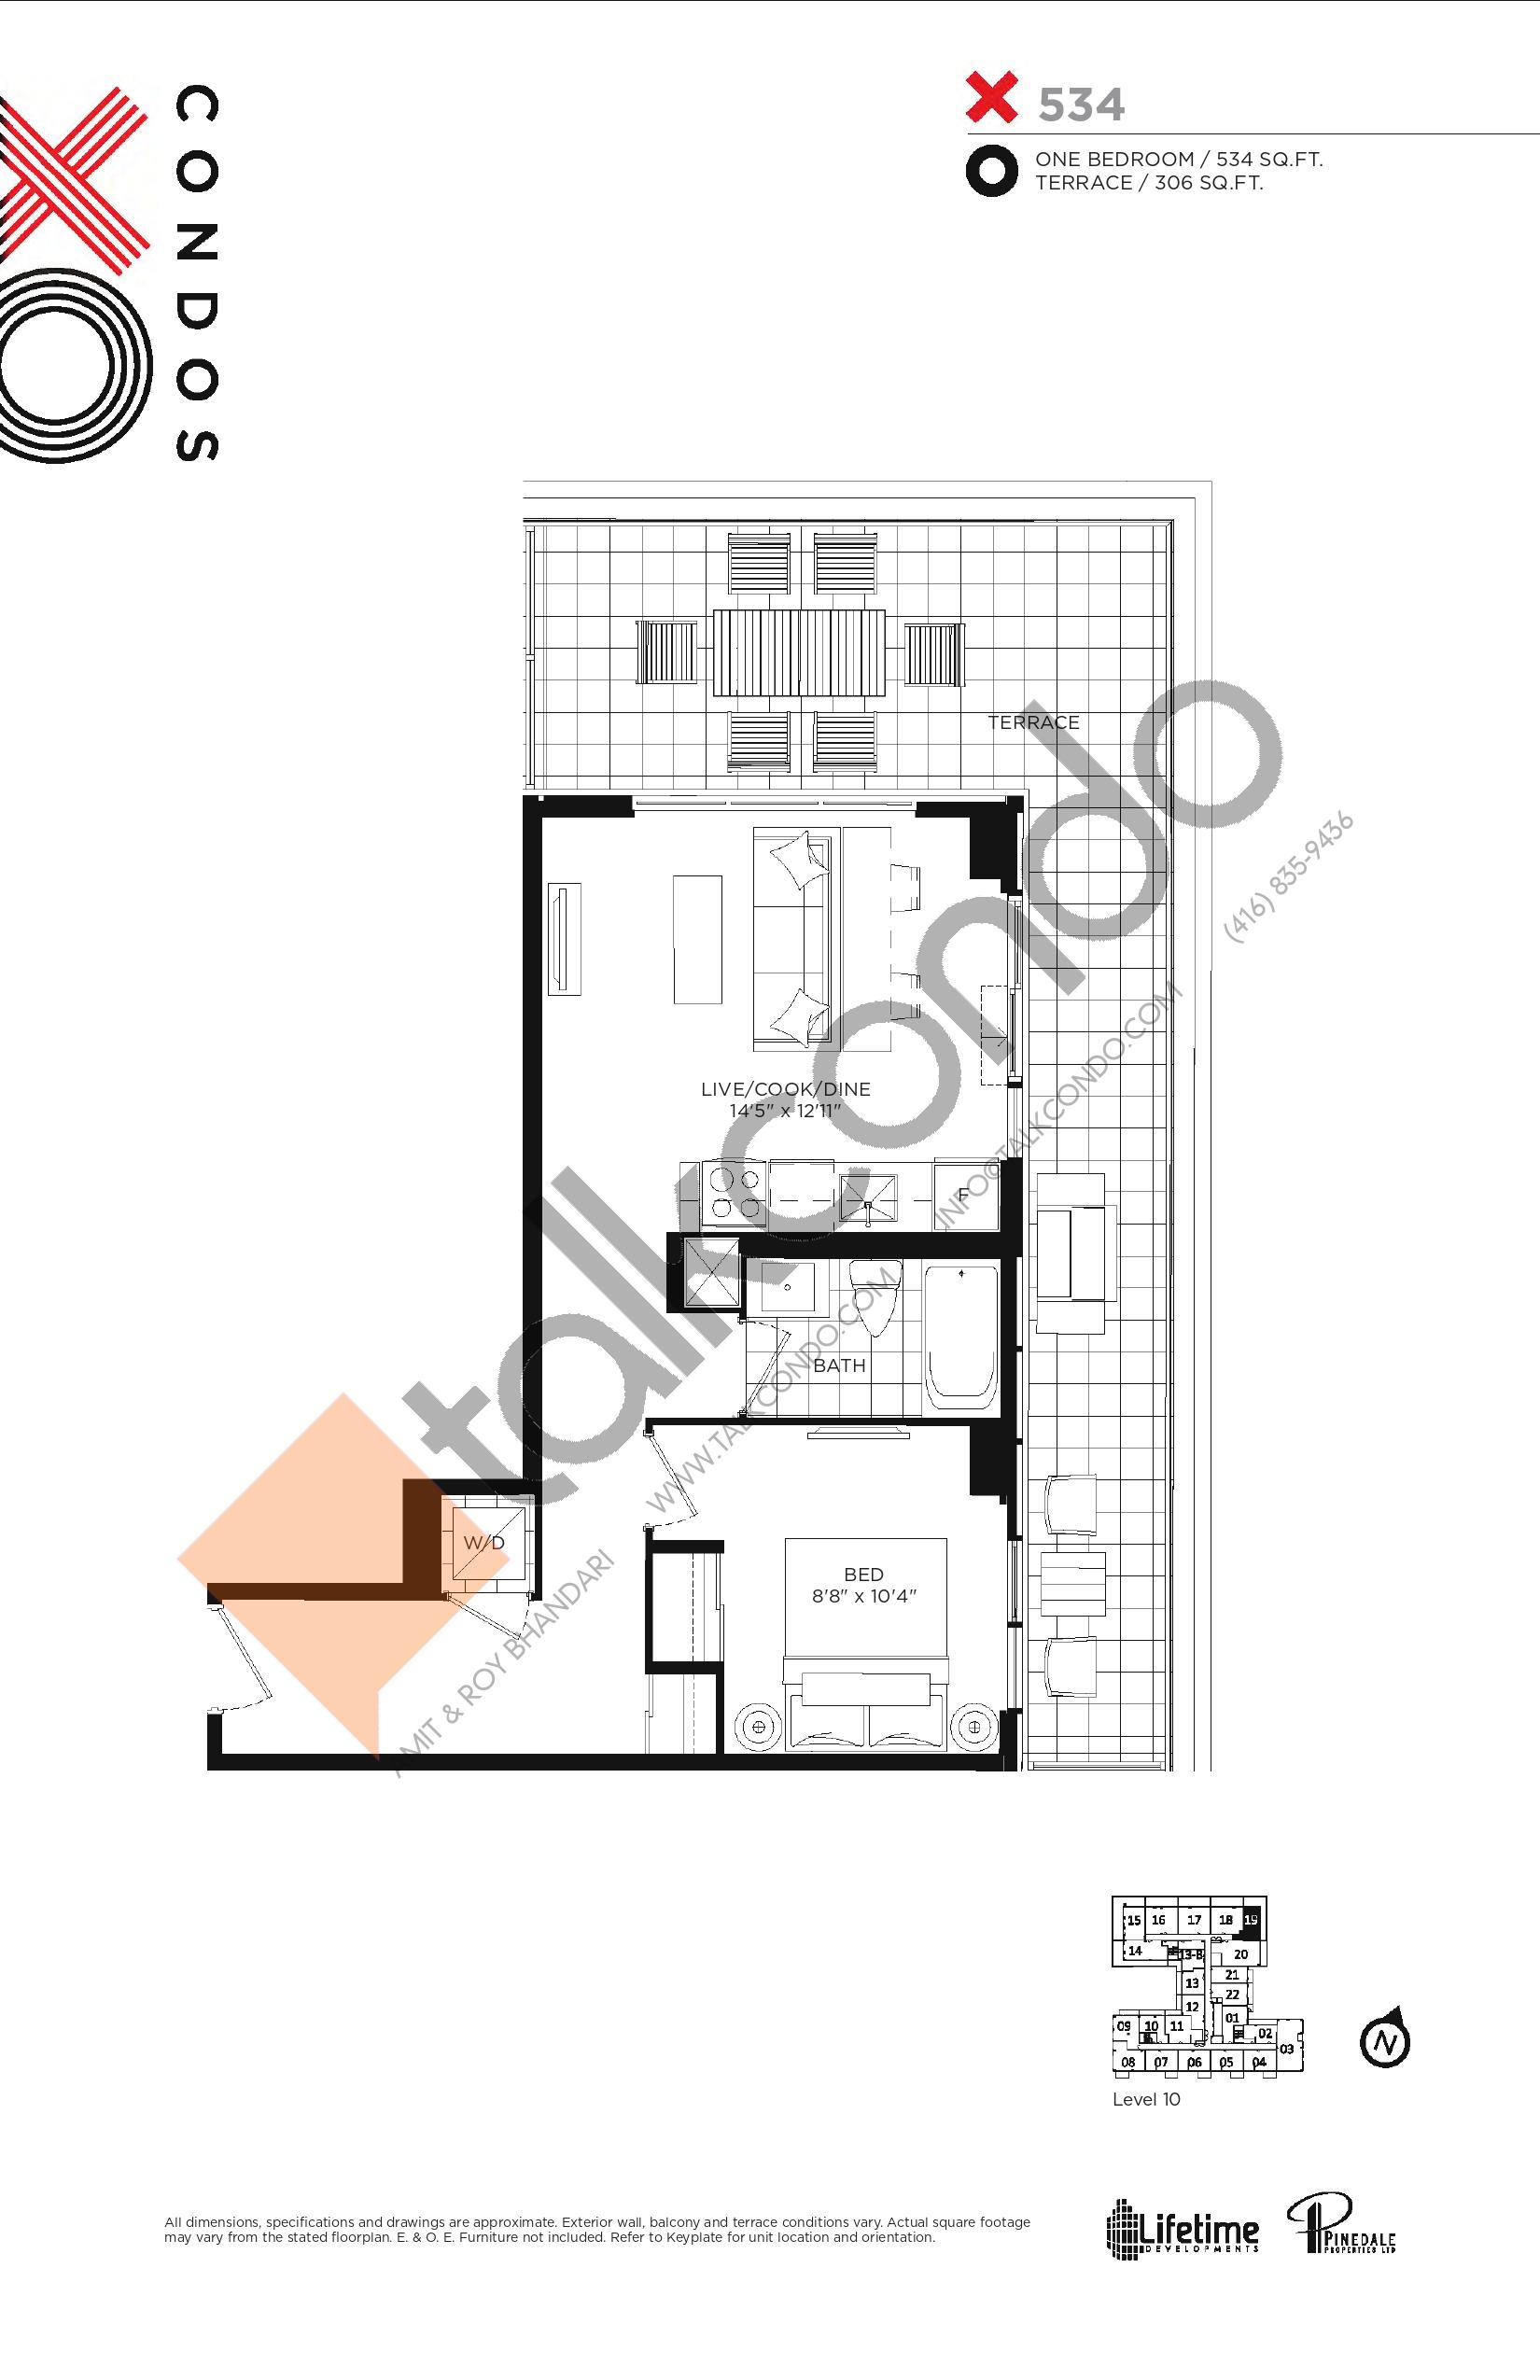 X534 Floor Plan at XO Condos - 534 sq.ft